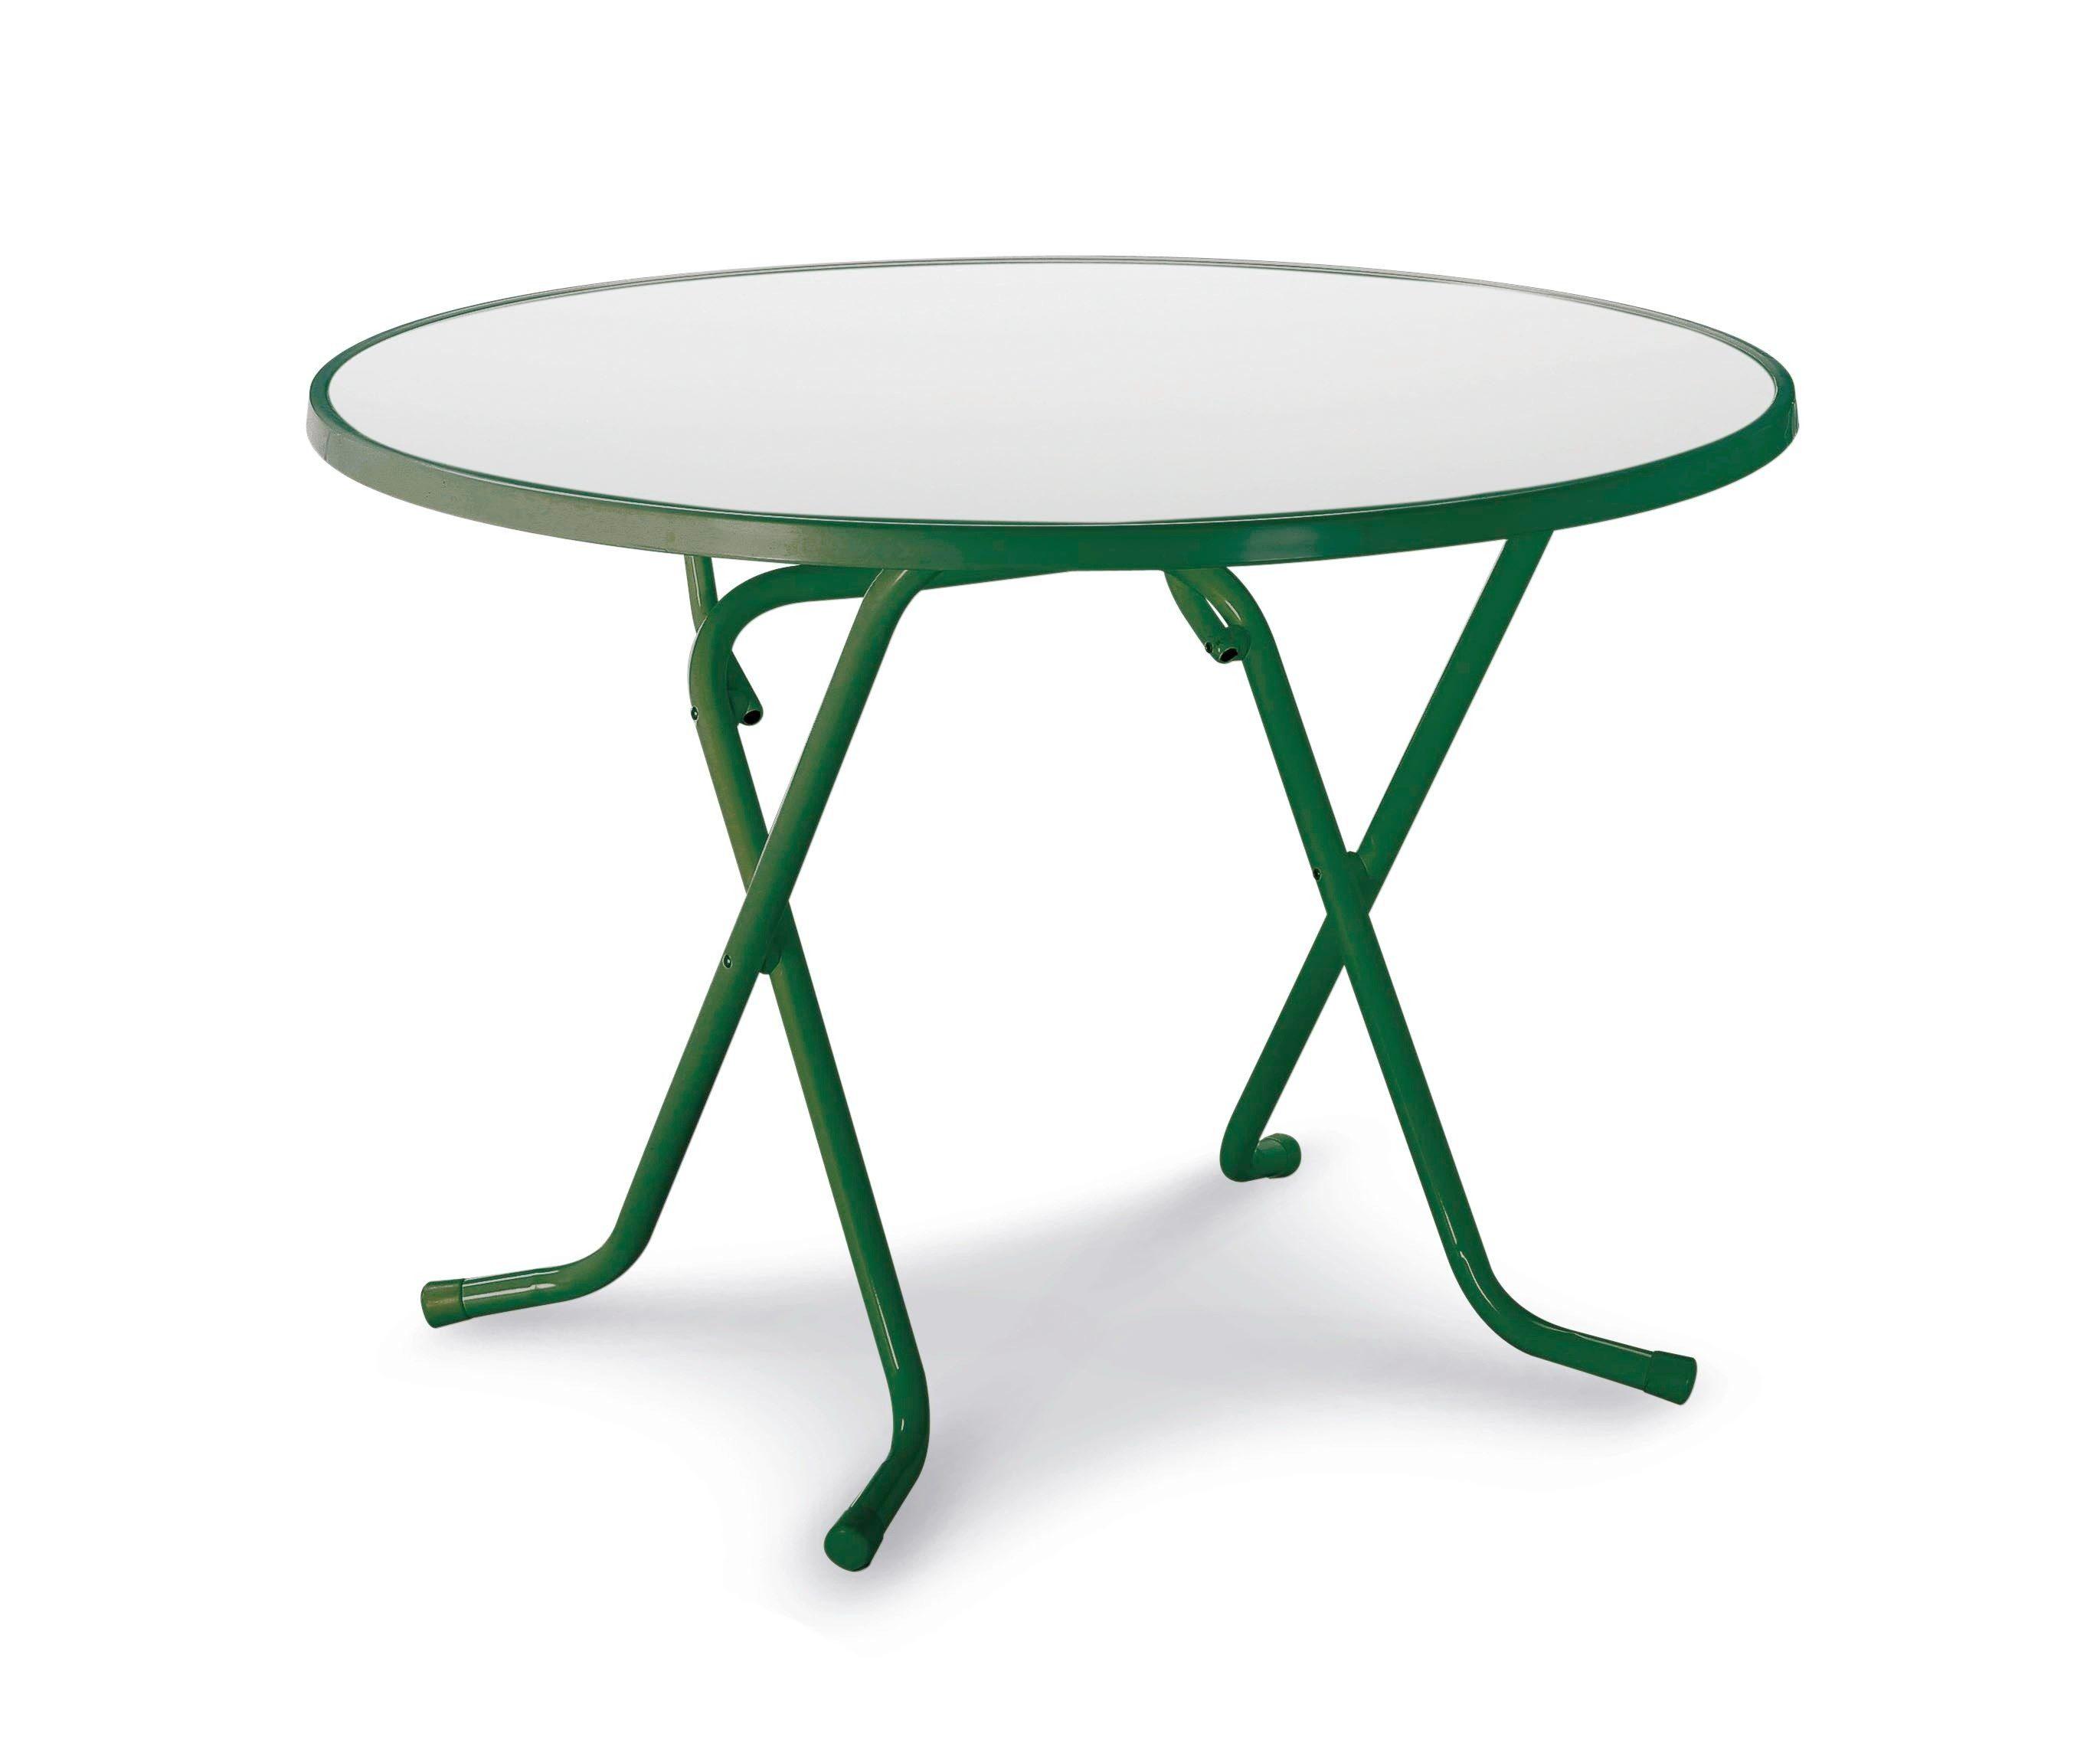 BEST Gartentisch »Primo«, Stahl/Kunststoff, klappbar, Ø 100 cm, grün